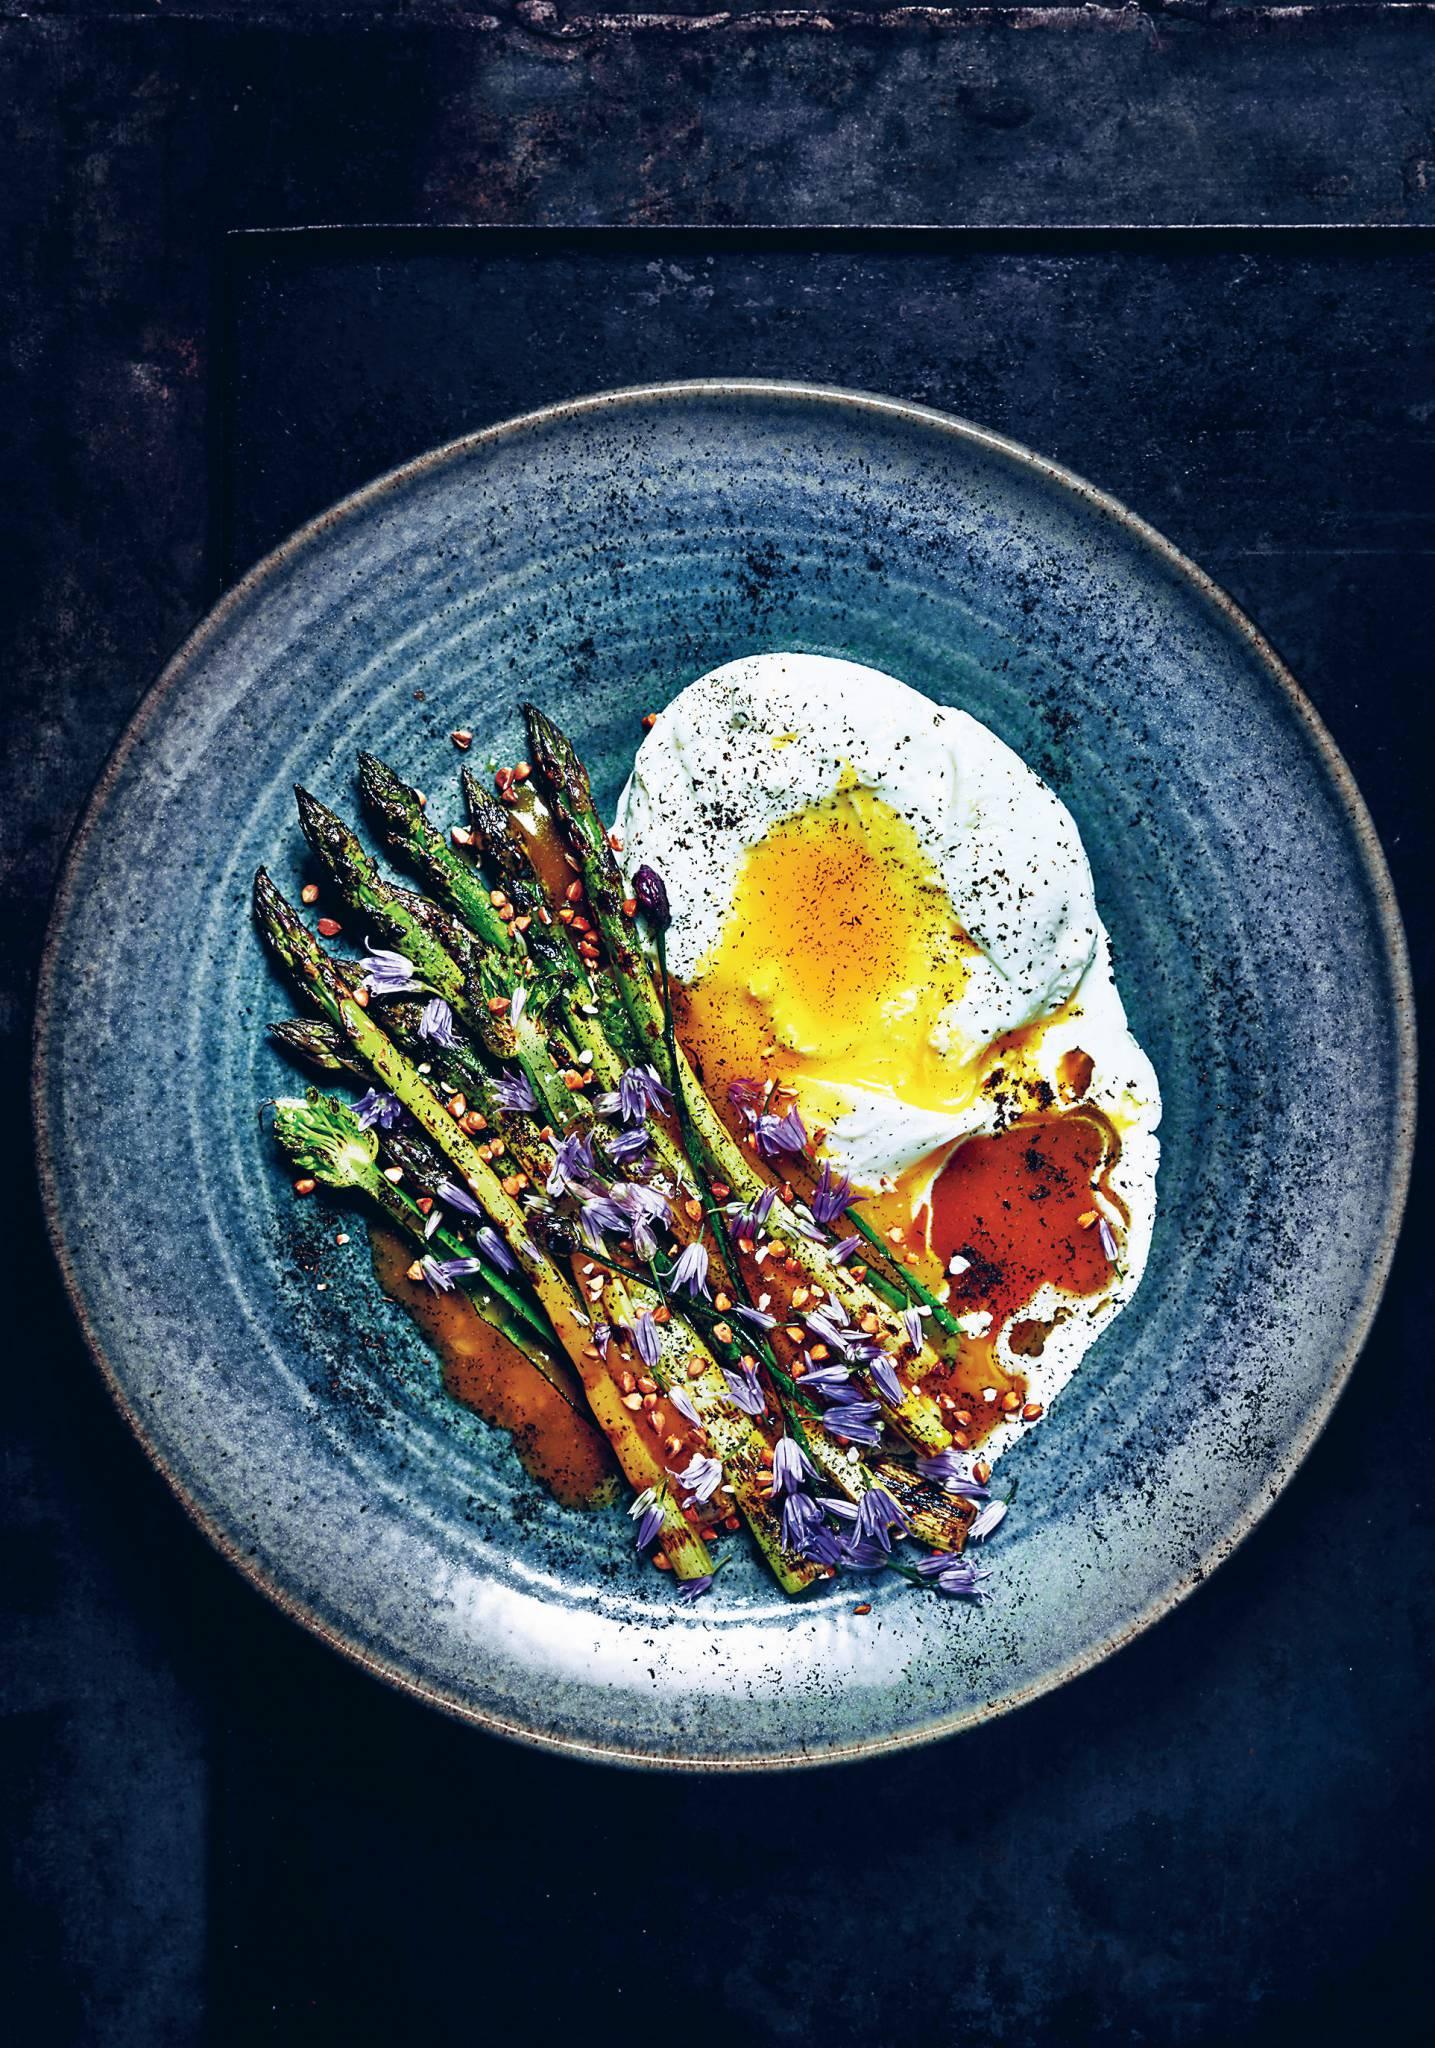 Warzywa z grilla w stylu fusion - poleca szwedzki szef kuchni Martin Nordin